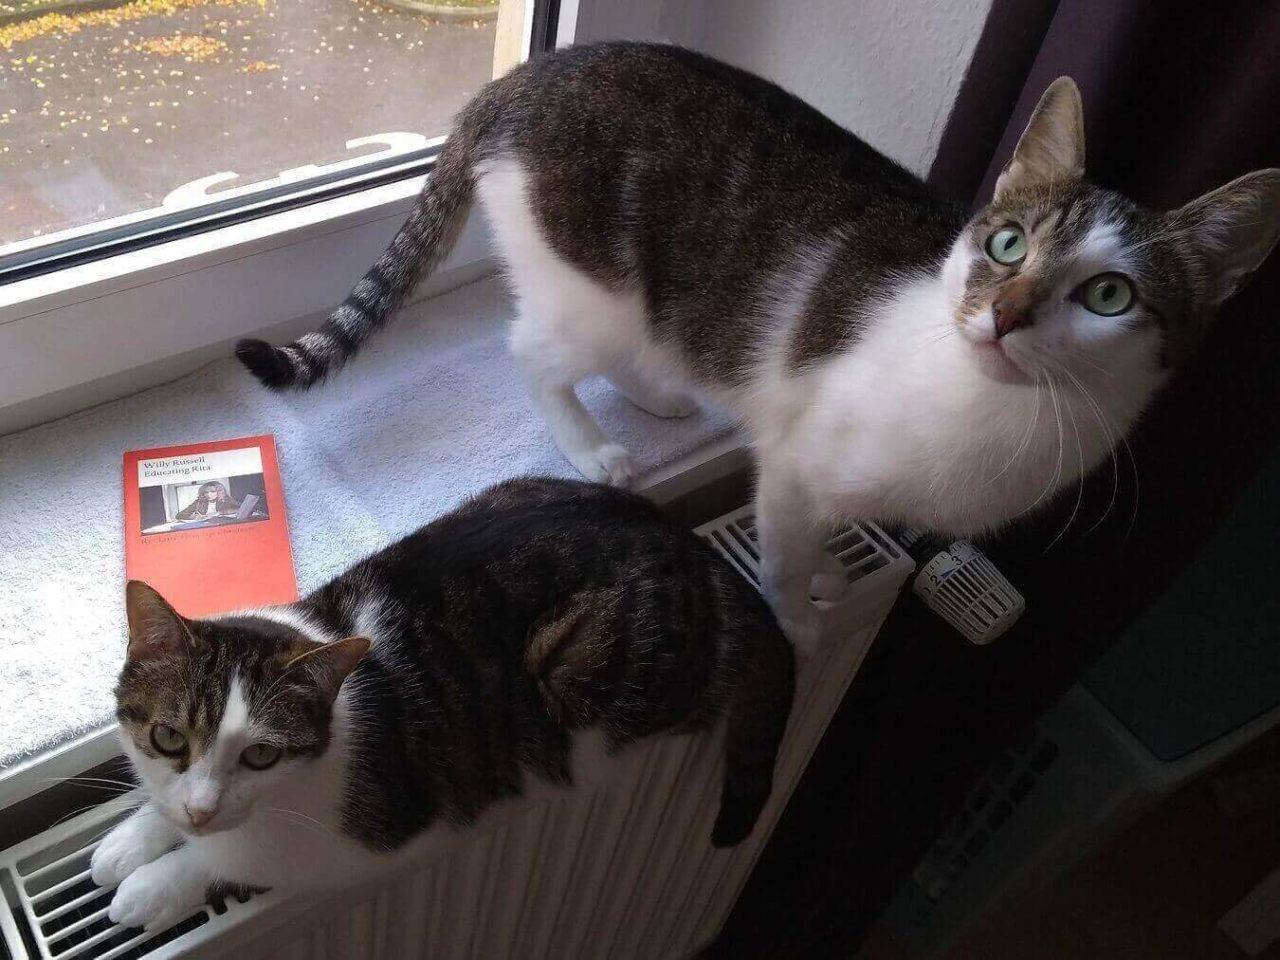 Die Katzen auf der Heizung und Educating Rita auf der Fensterbank